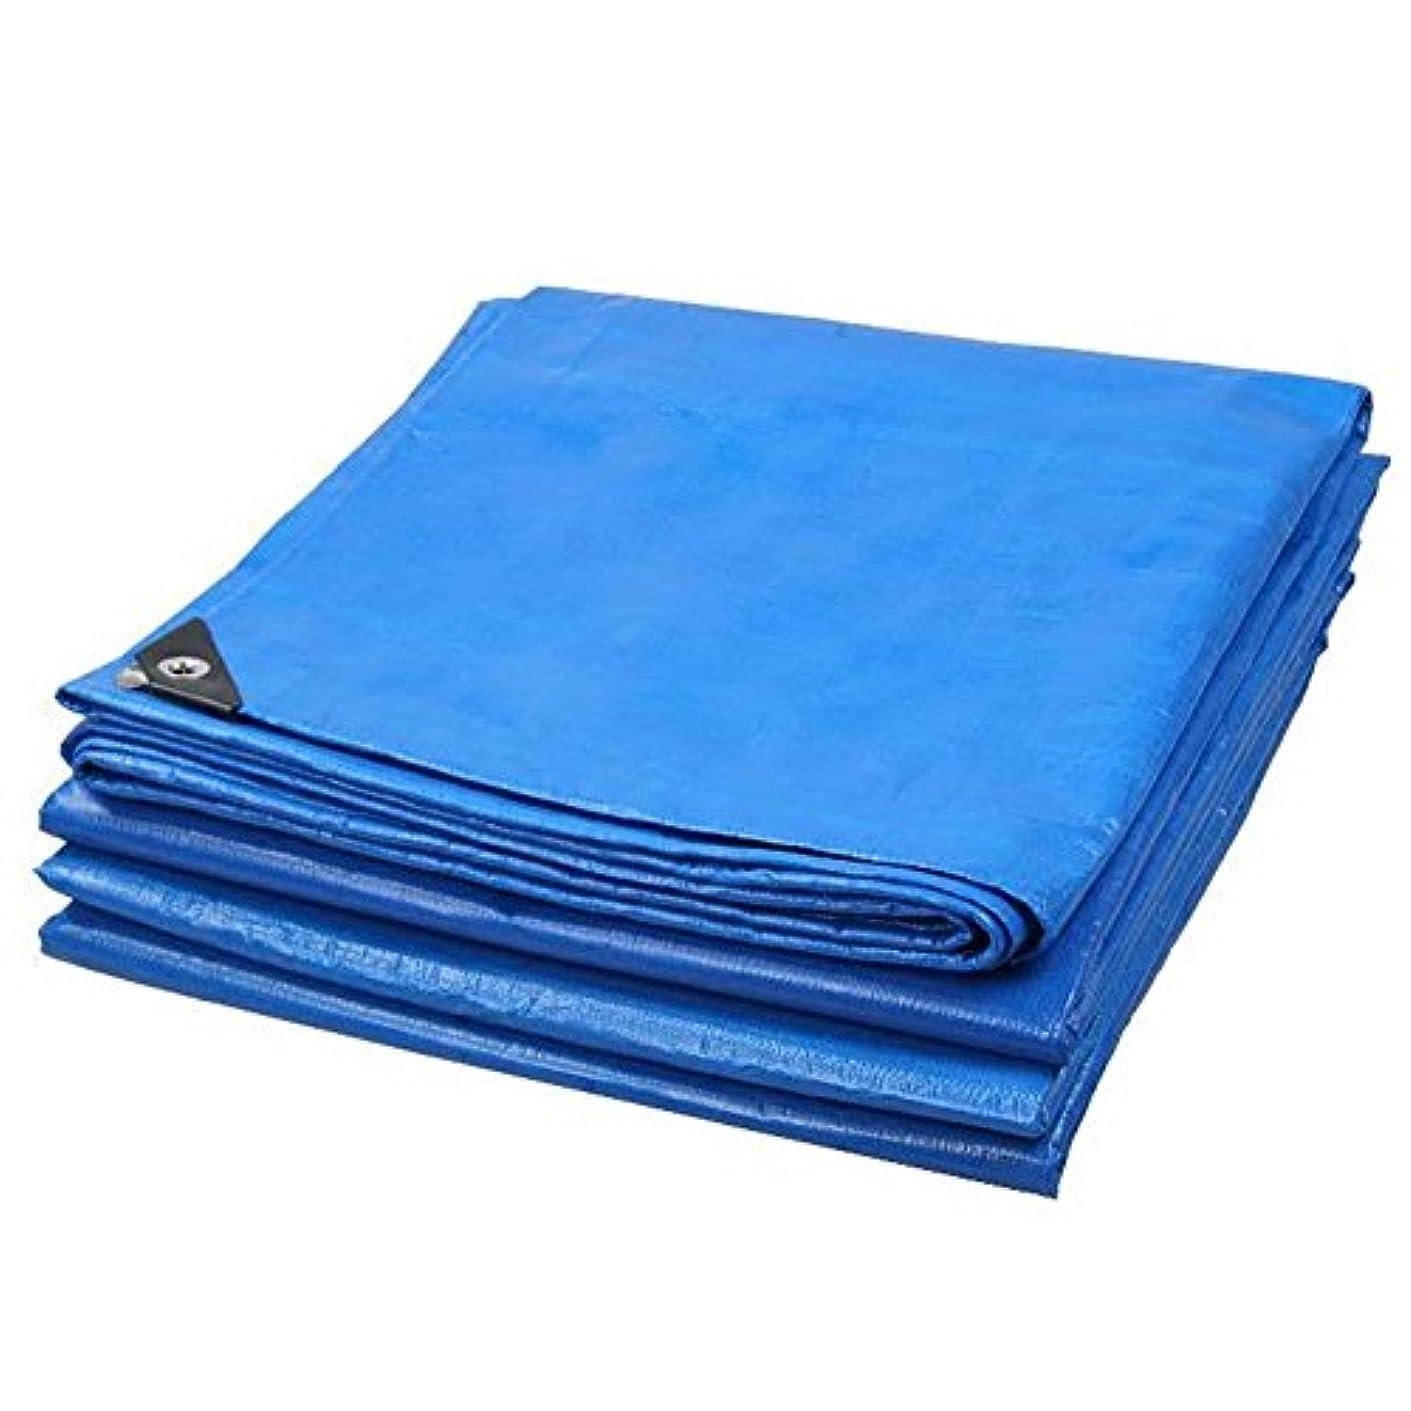 グリット手首エンドウ19-yiruculture 屋外のテントの防水シート、厚い耐雨性の日焼け止めの防水シートの三輪車のトラックの日除けのテントの布の折り畳み式の酸化防止 (Color : Blue+Orange, サイズ : 3x4M)